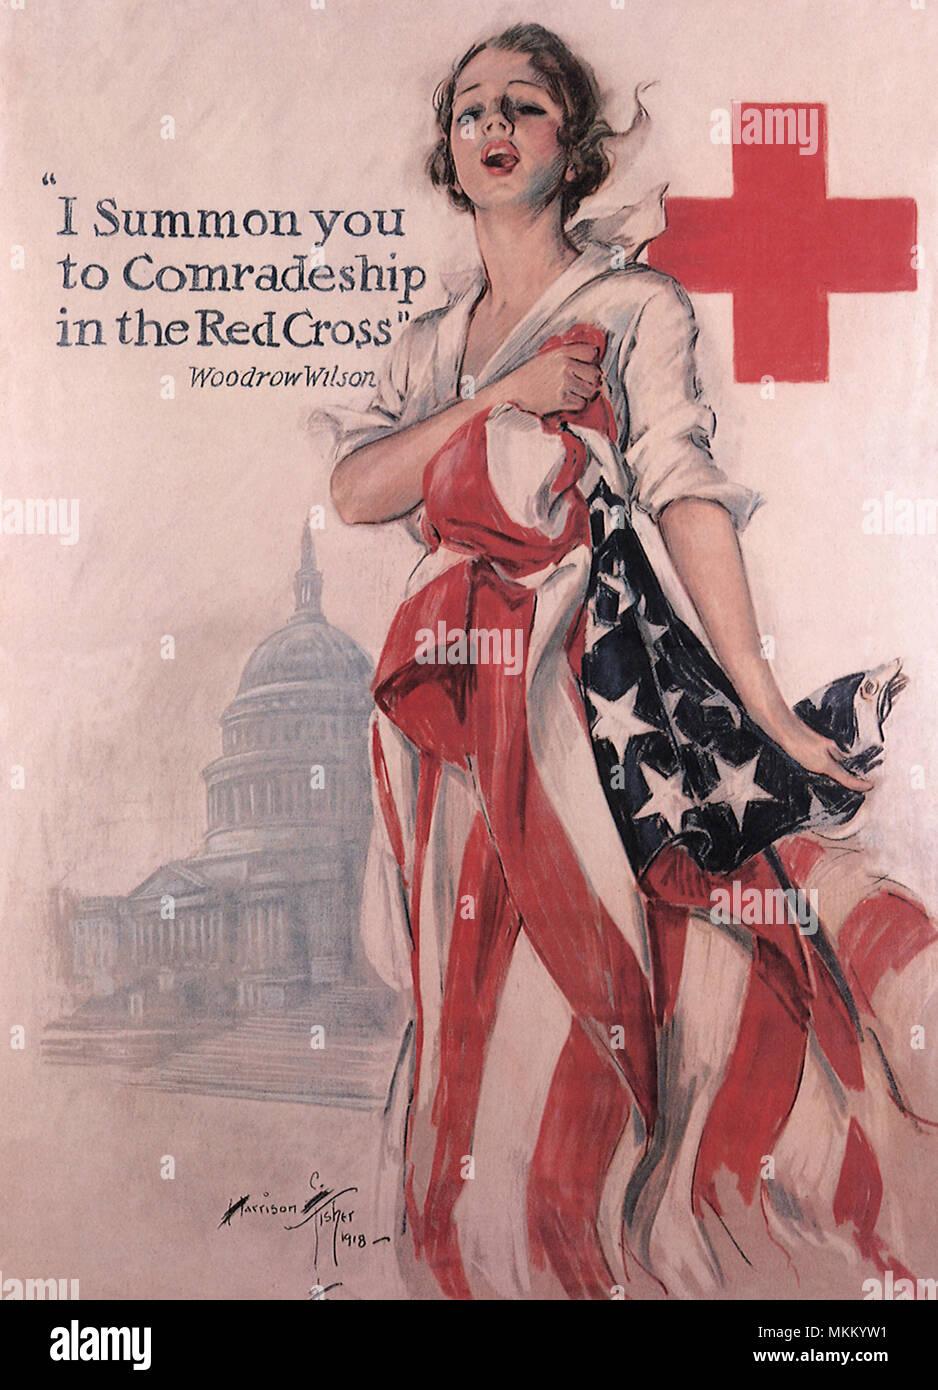 I Summon You to Comradeship - Stock Image